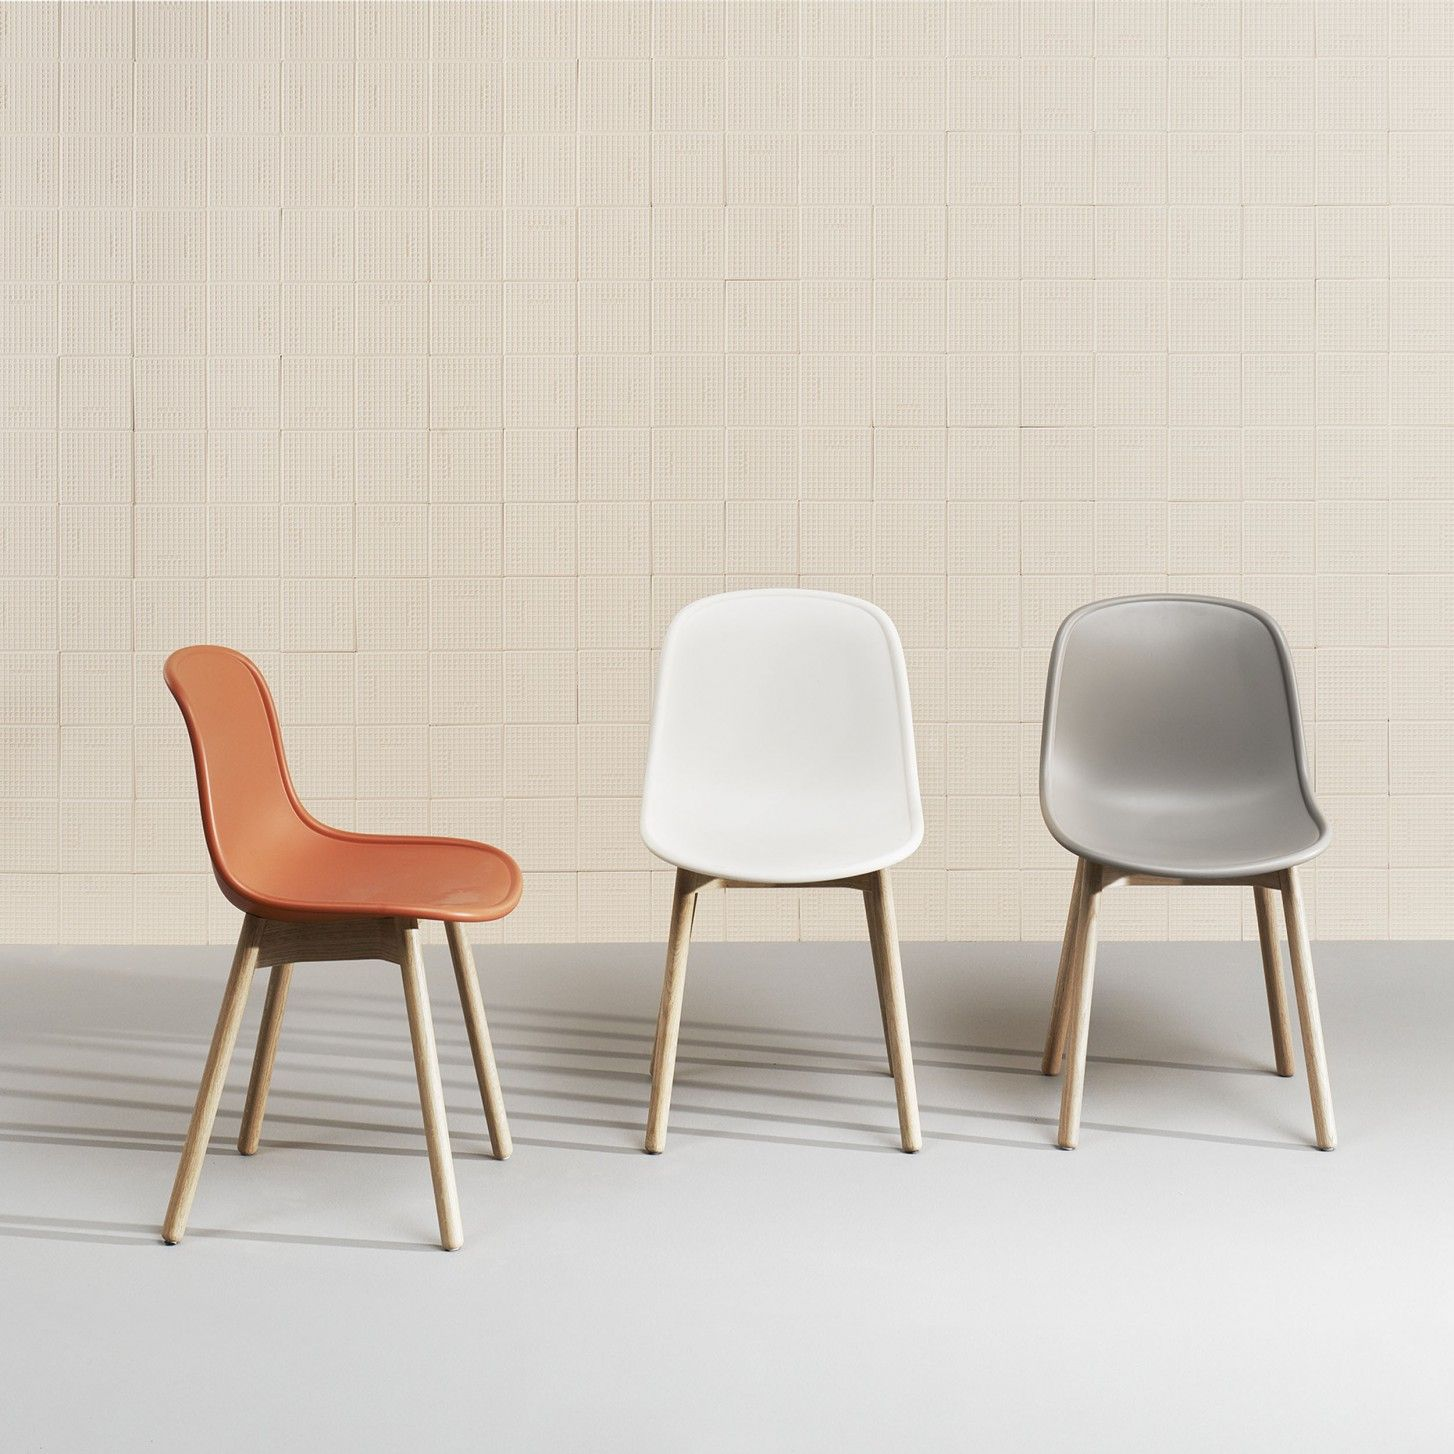 Stuhl: Wrong For HAY Geht In Die Offensive   Bestellen Sie Tisch U0026 Stühle  Für Küche, Esszimmer U0026 Büro Im Ikarusu2026design Shop!